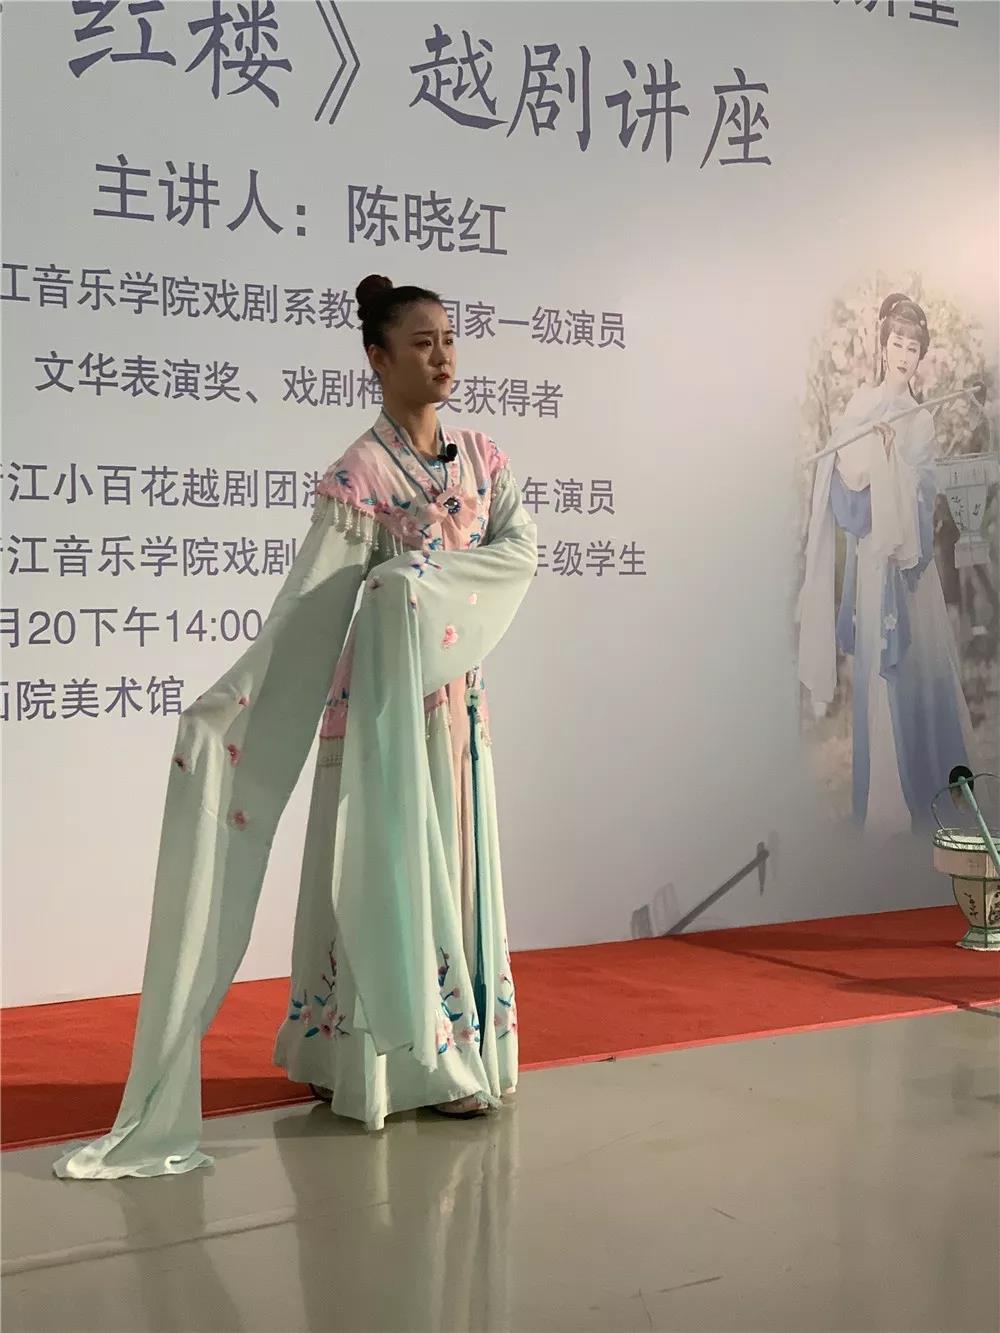 张莎莎演唱《黛玉葬花》